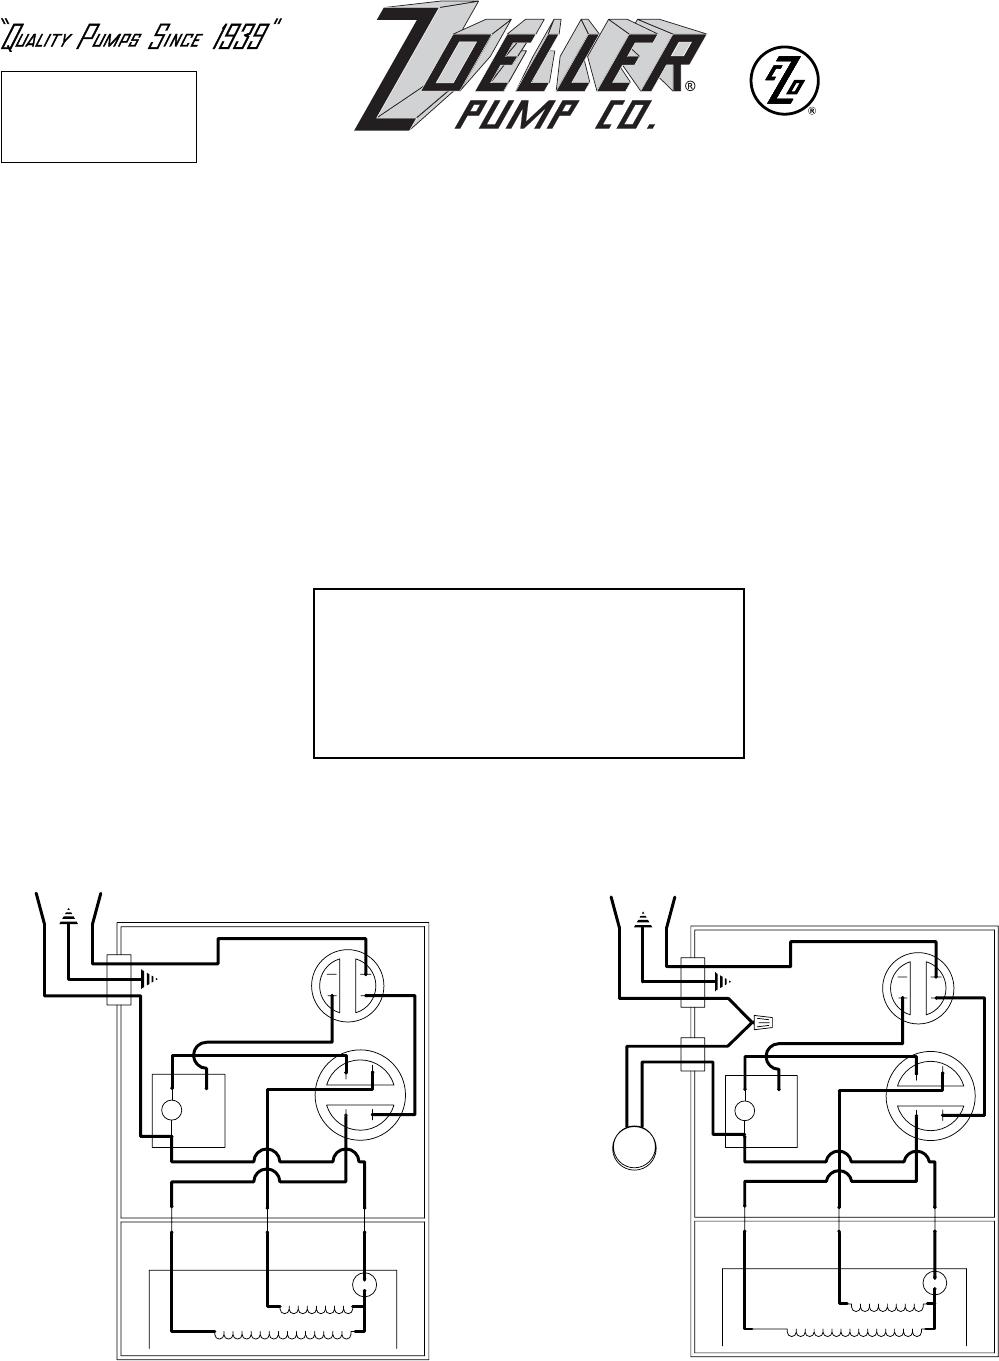 536722 2 Zoeller E820, I820, Wd820, Wh820 Repair Parts